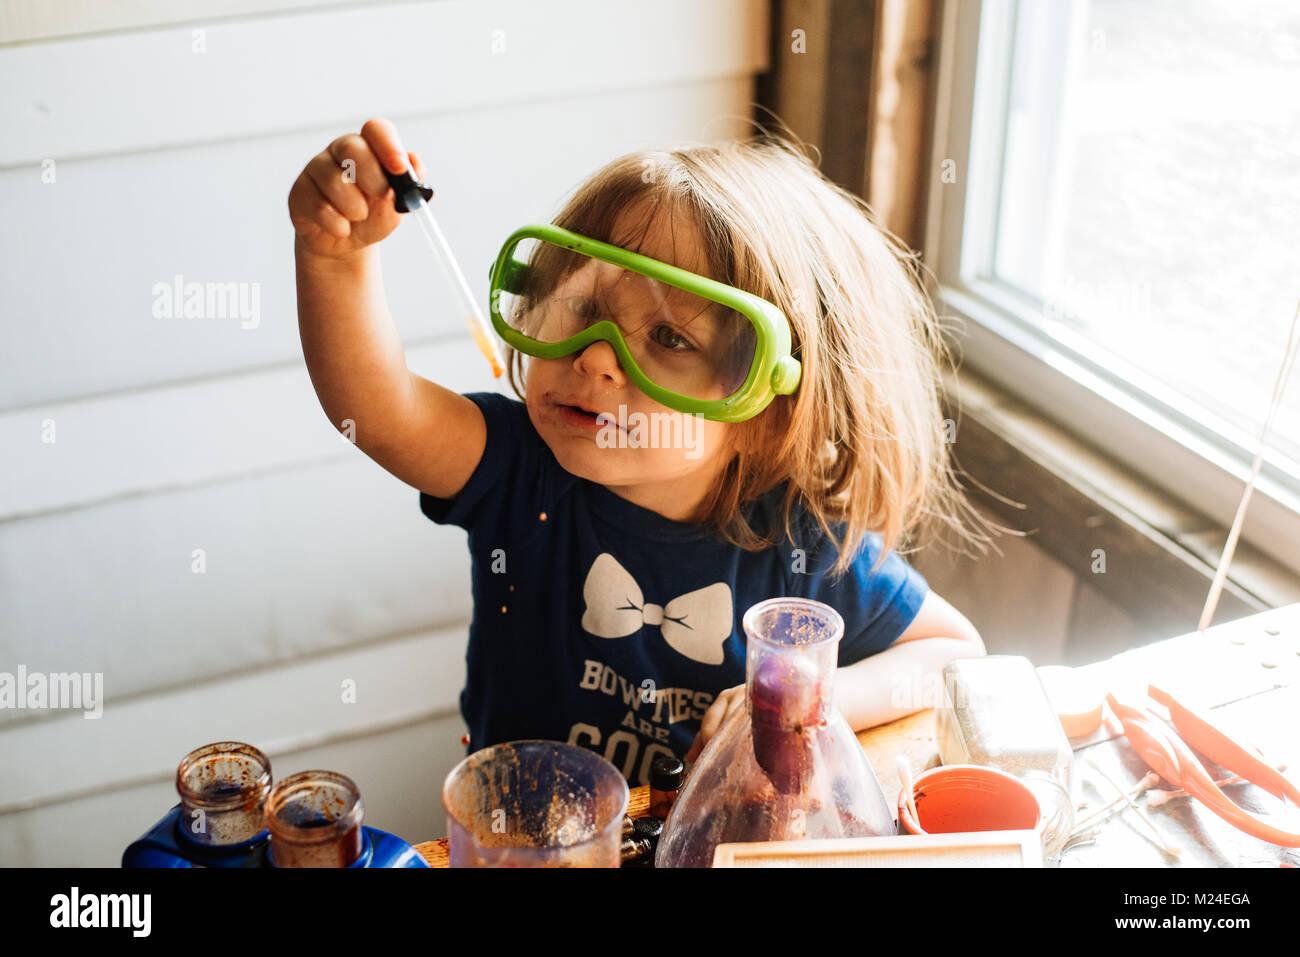 Uma criança de 3 anos de idade menina trabalha com equipamento de experimento de ciência Imagens de Stock